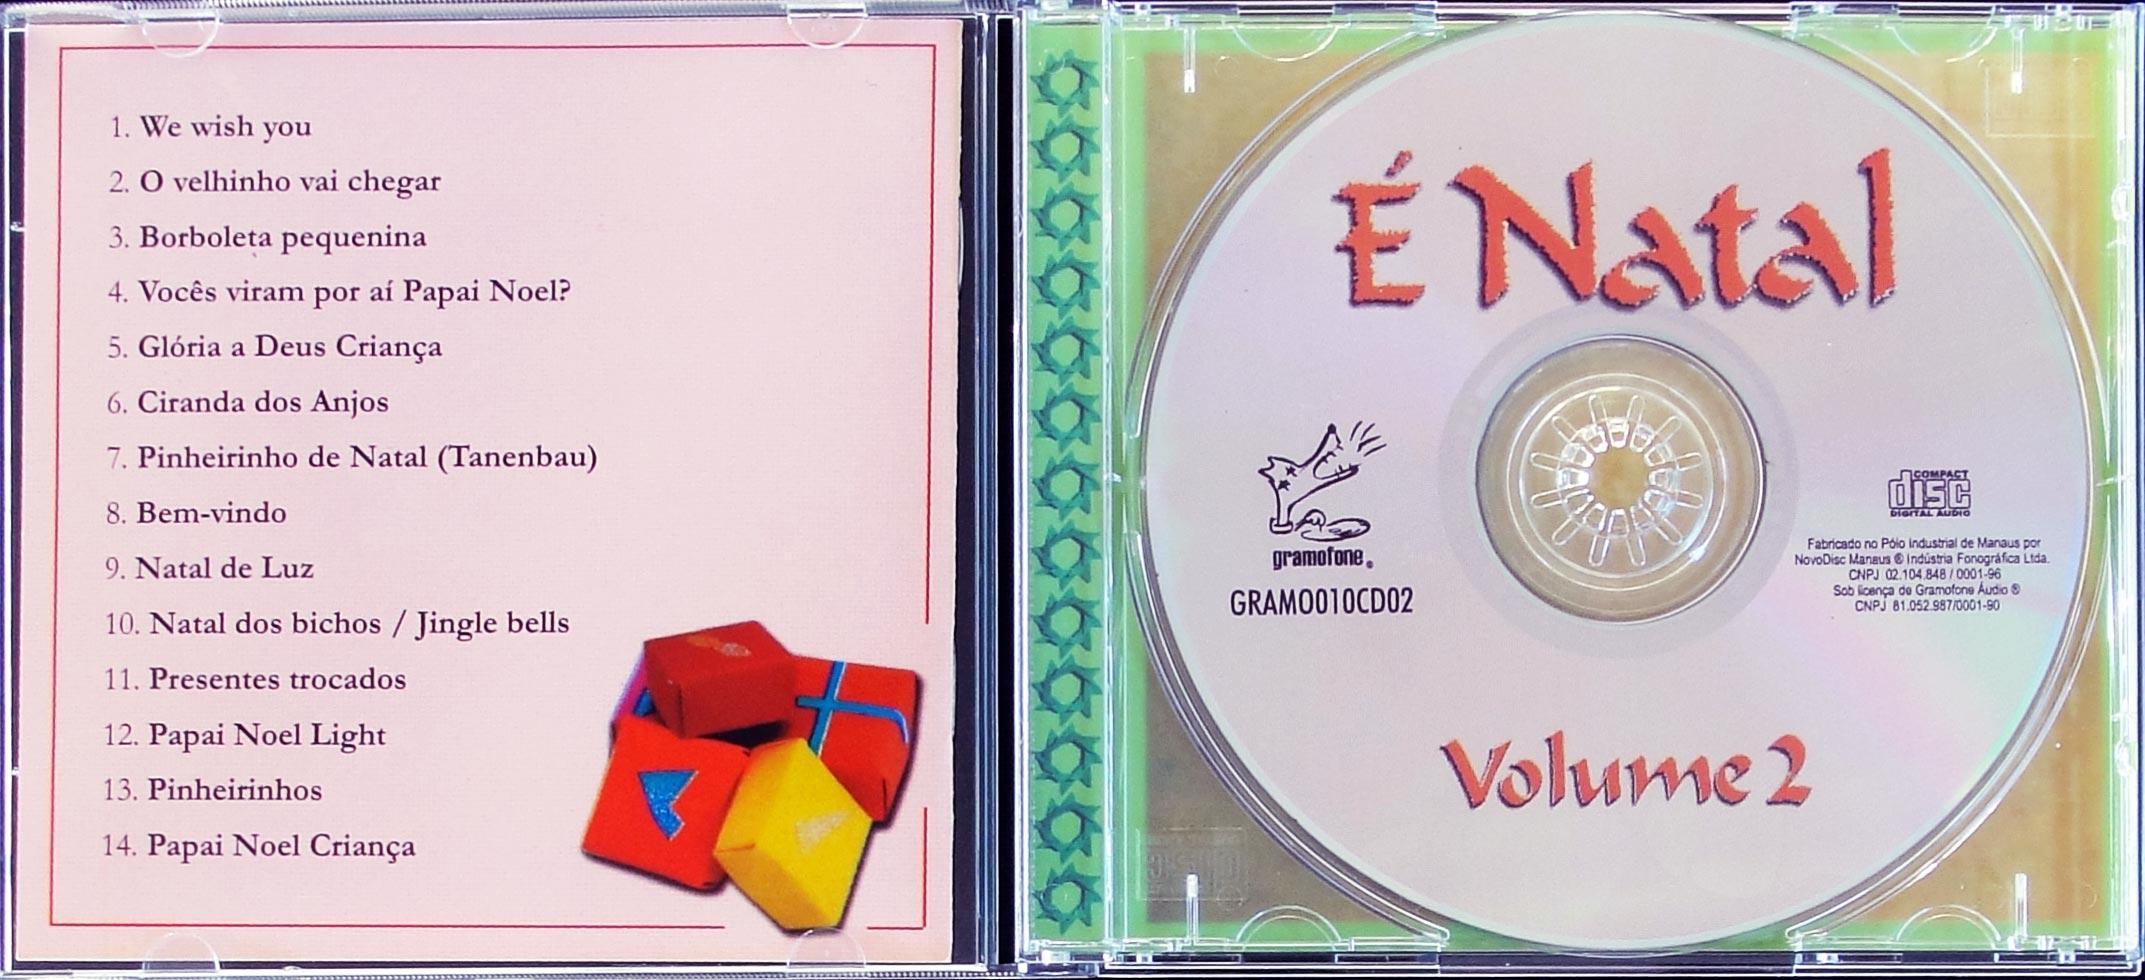 conteudo-cd-natal-vol2